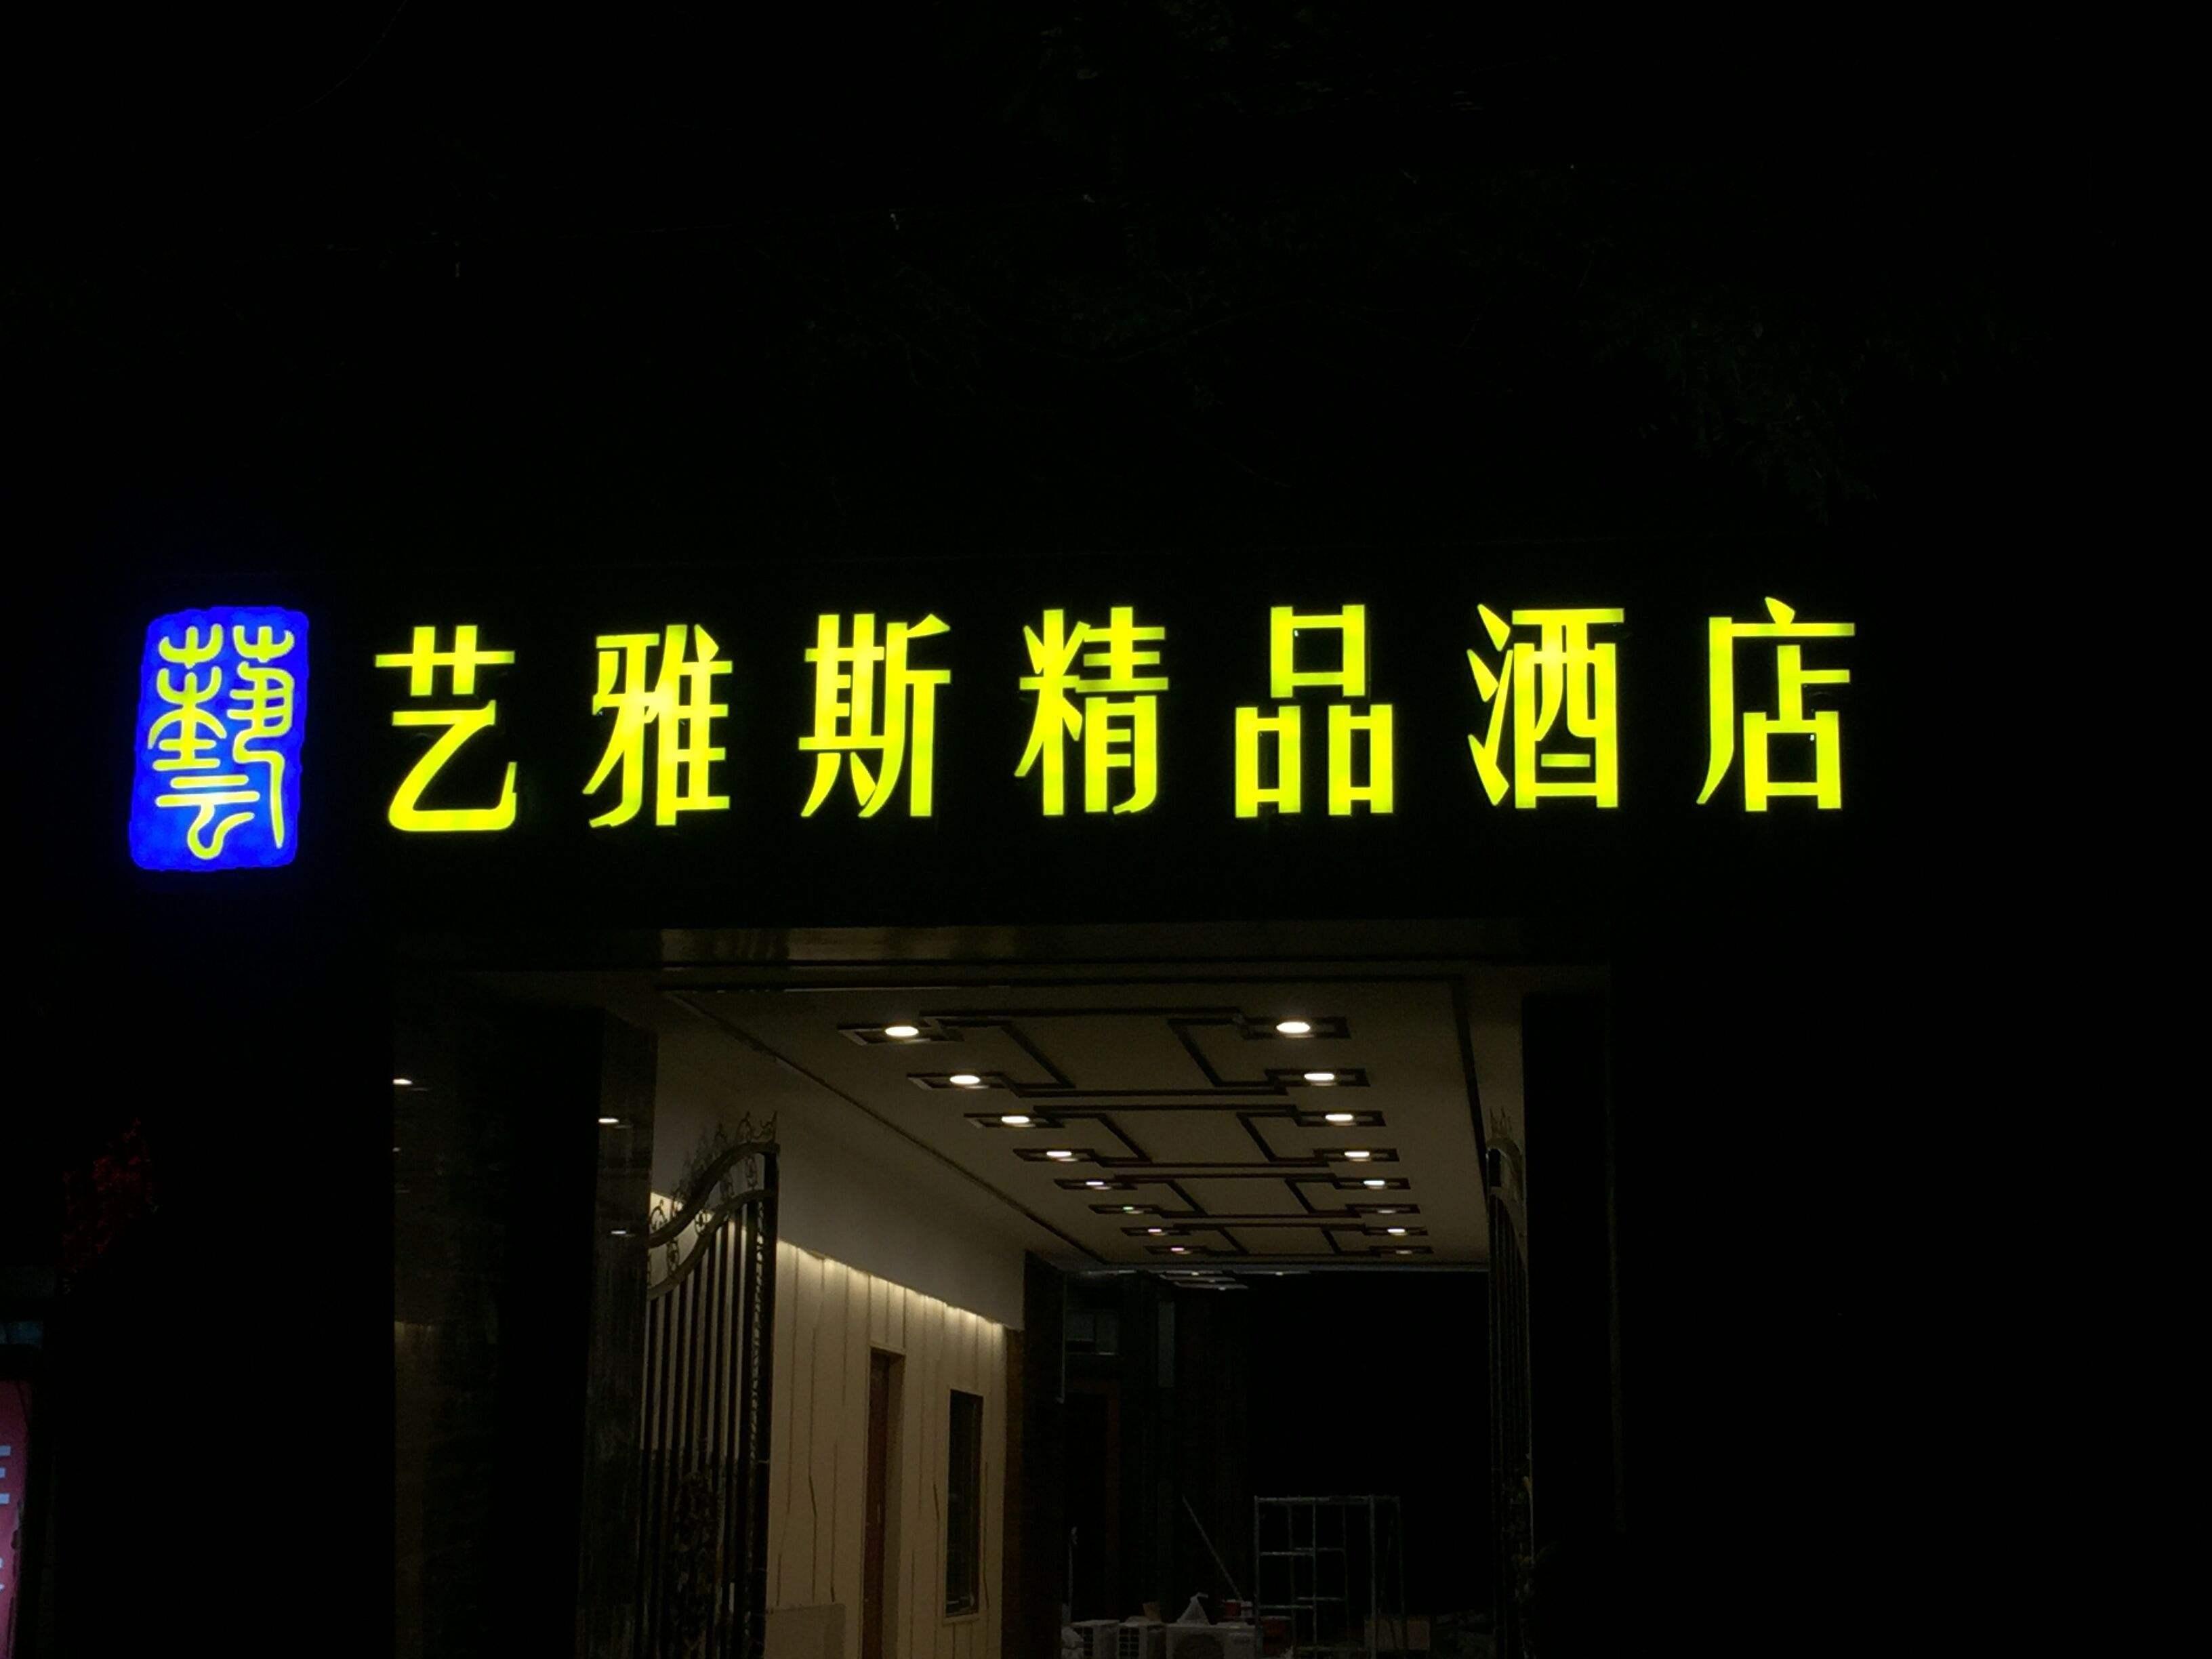 酒店发光字设计制作